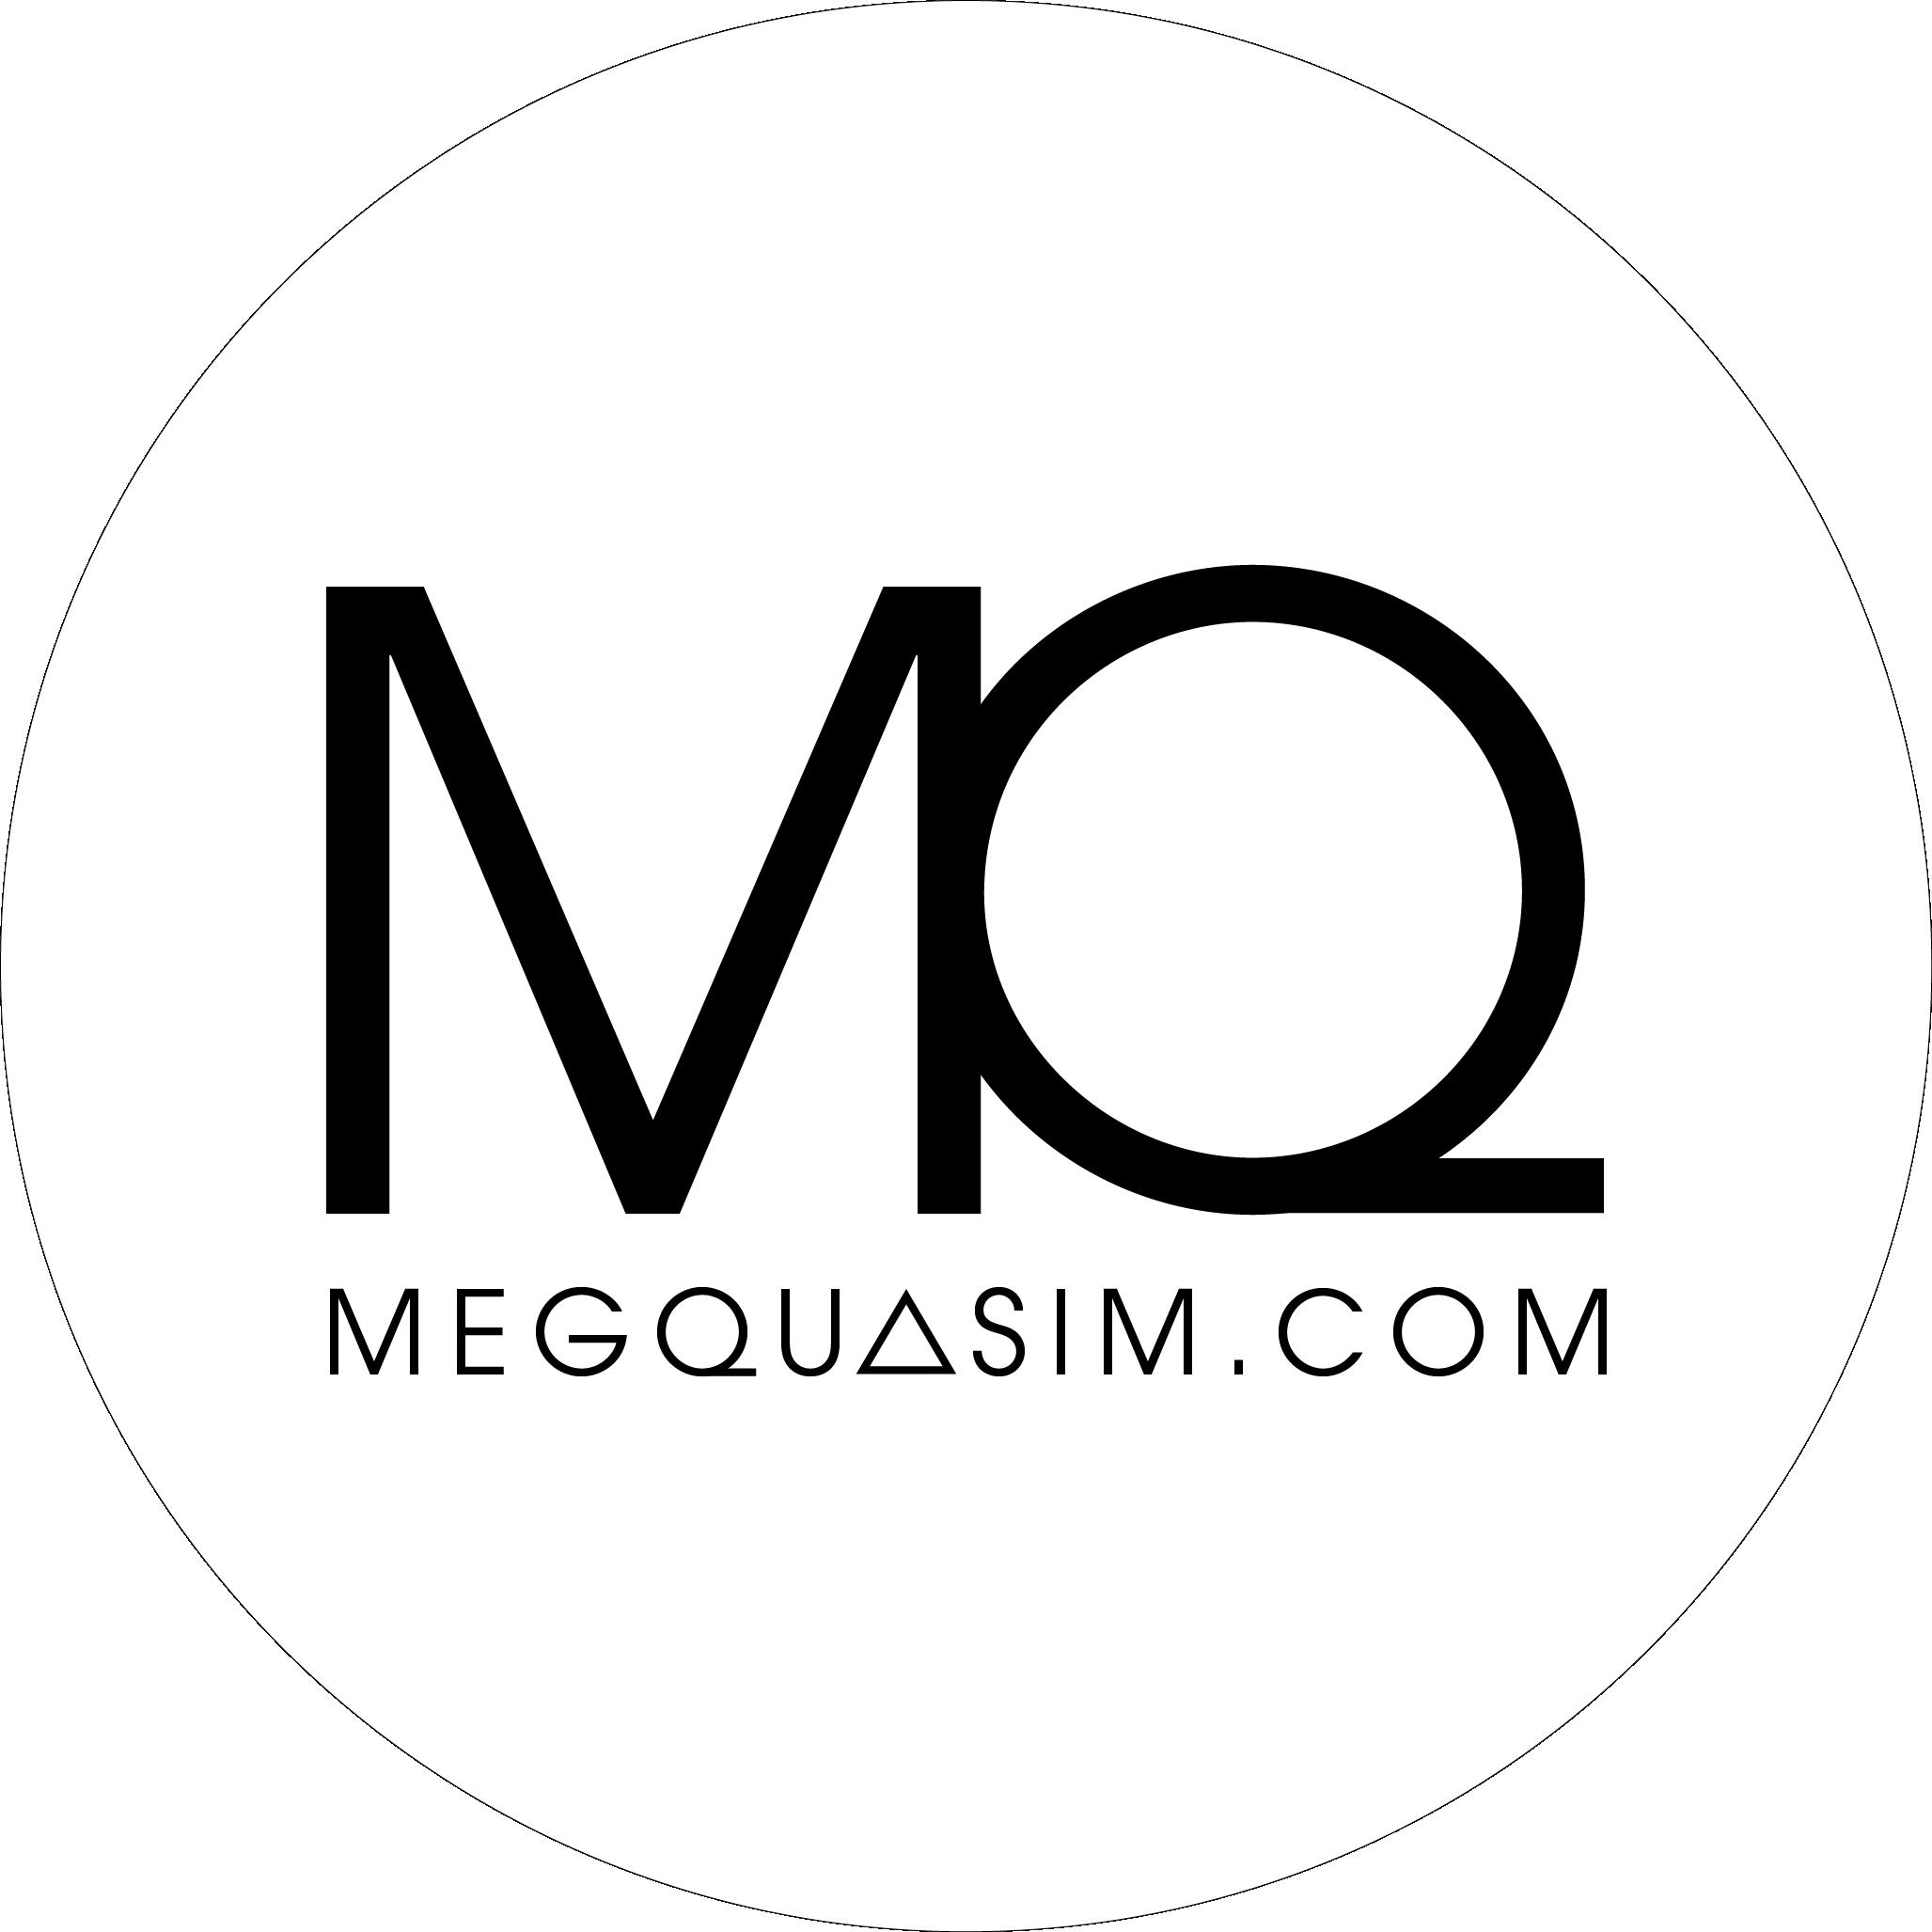 Meg Quasim